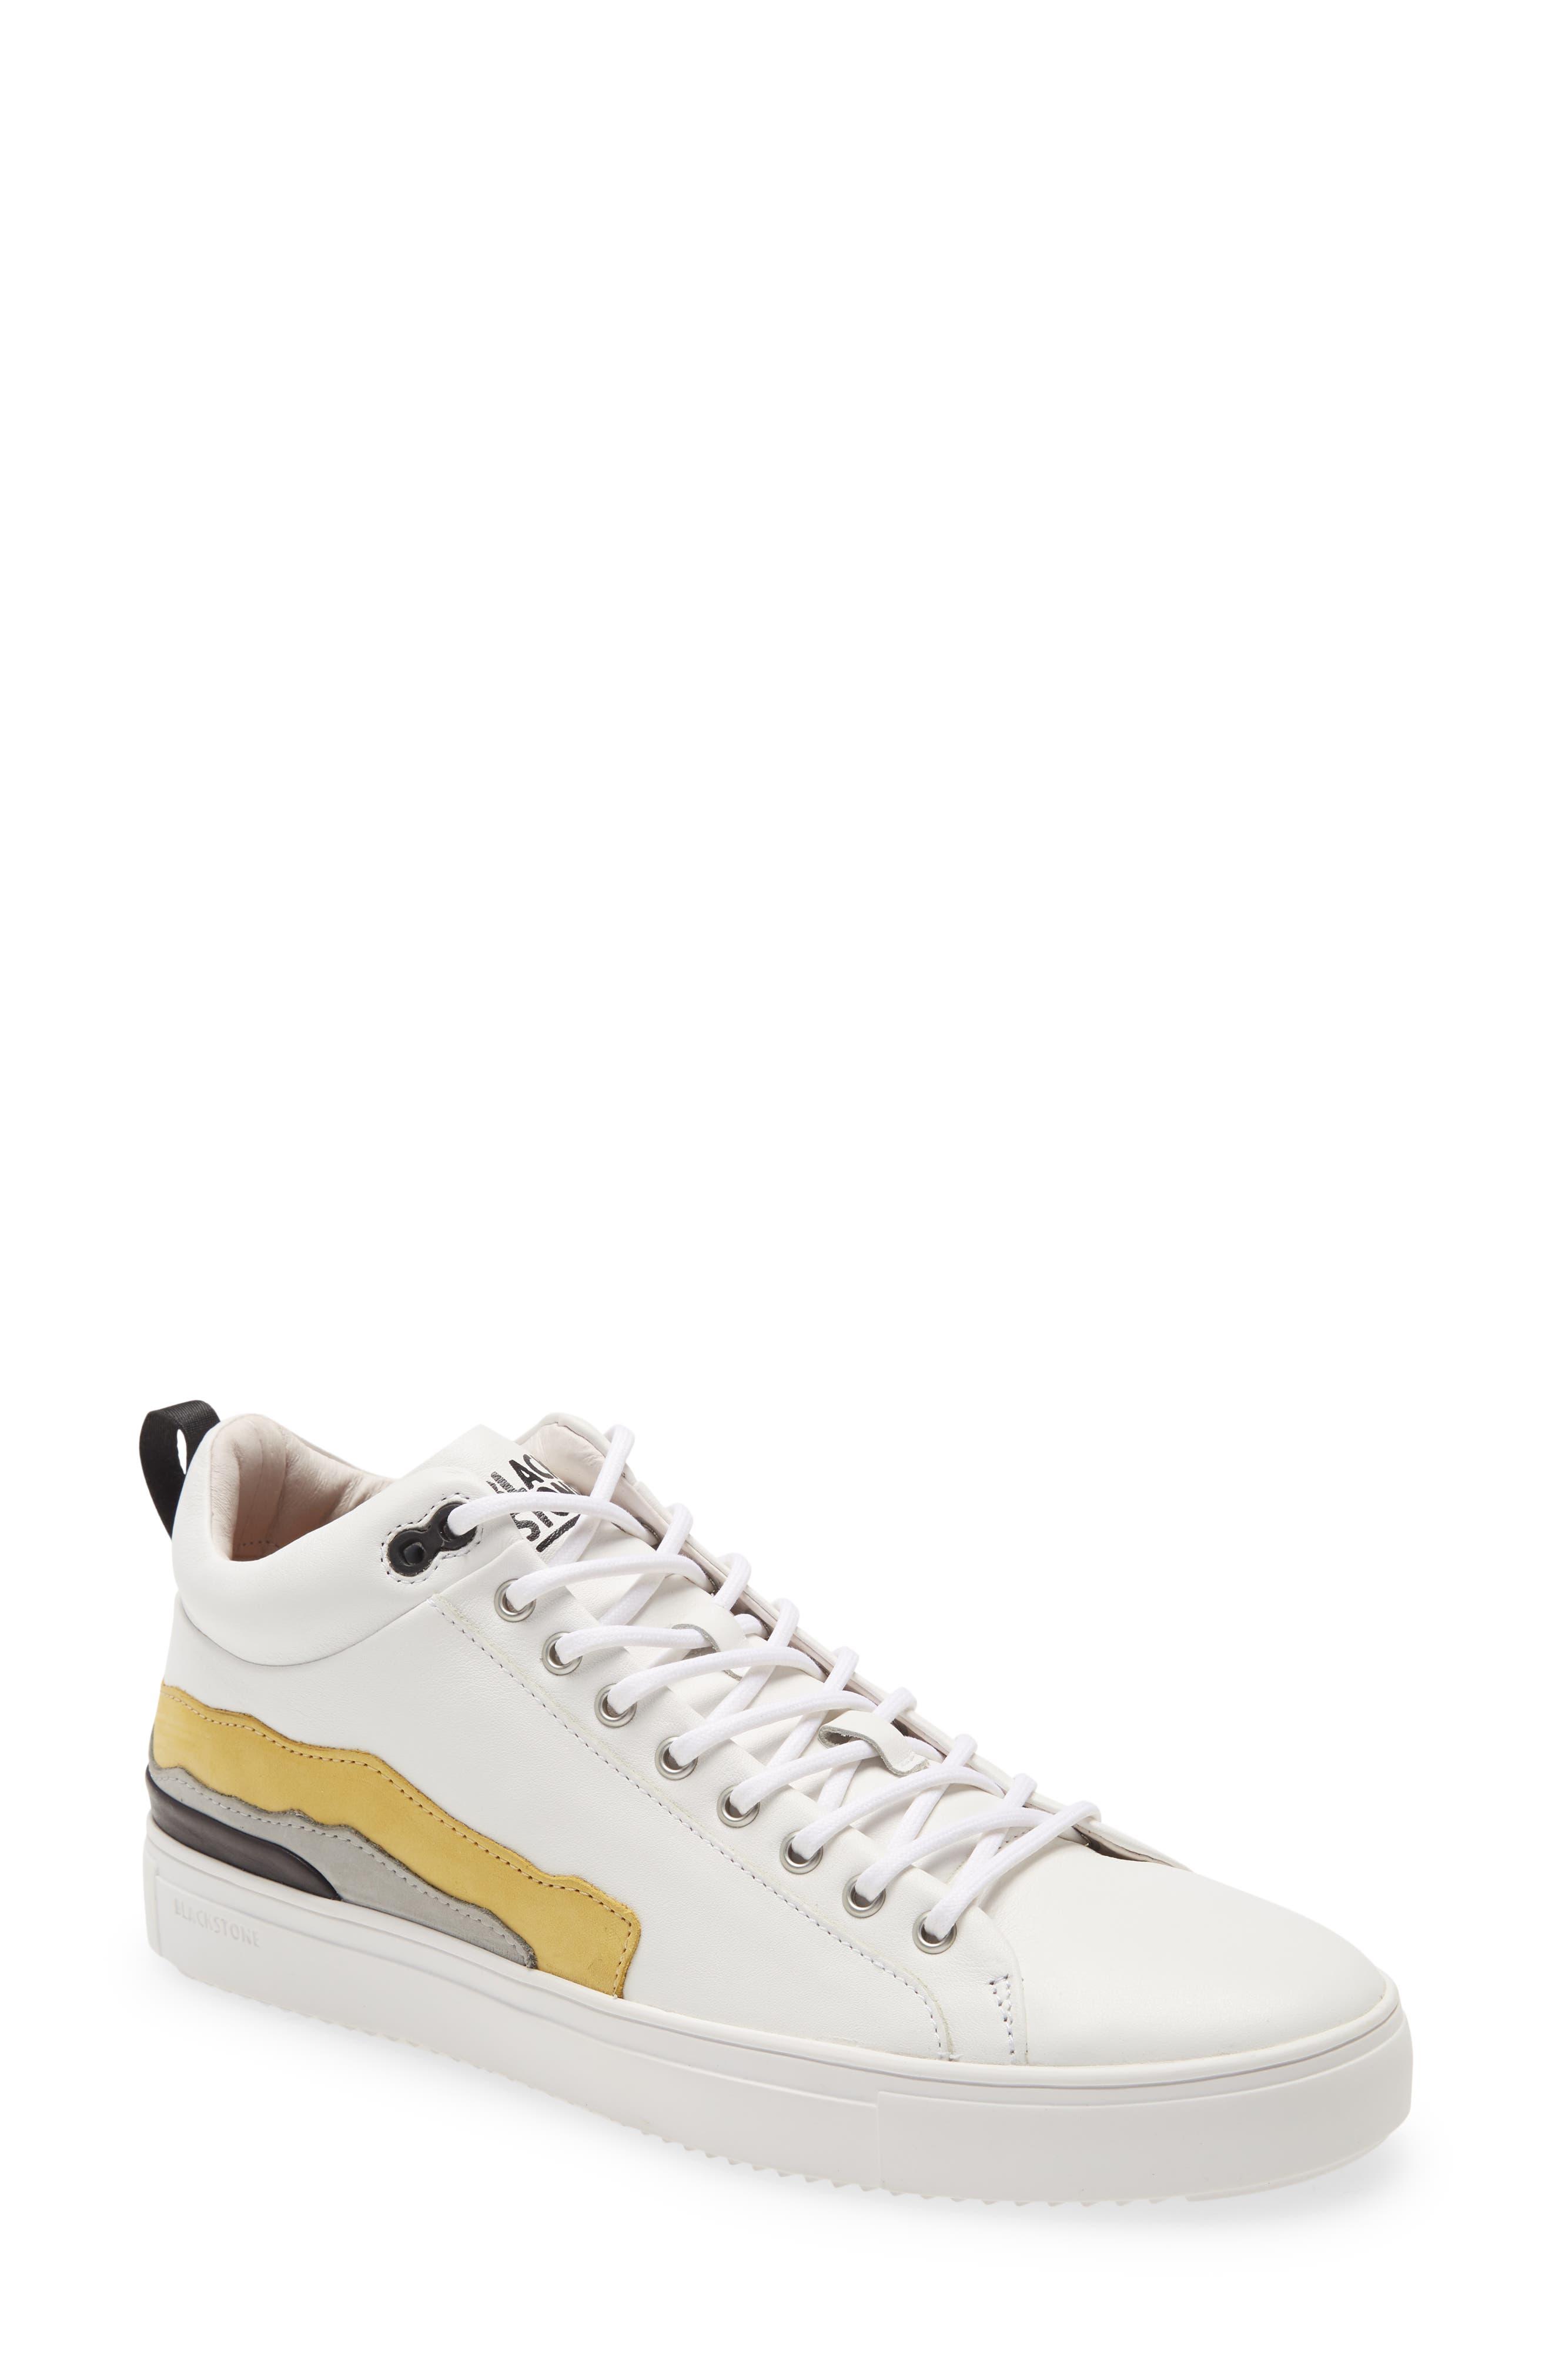 Tg15 Low Top Sneaker